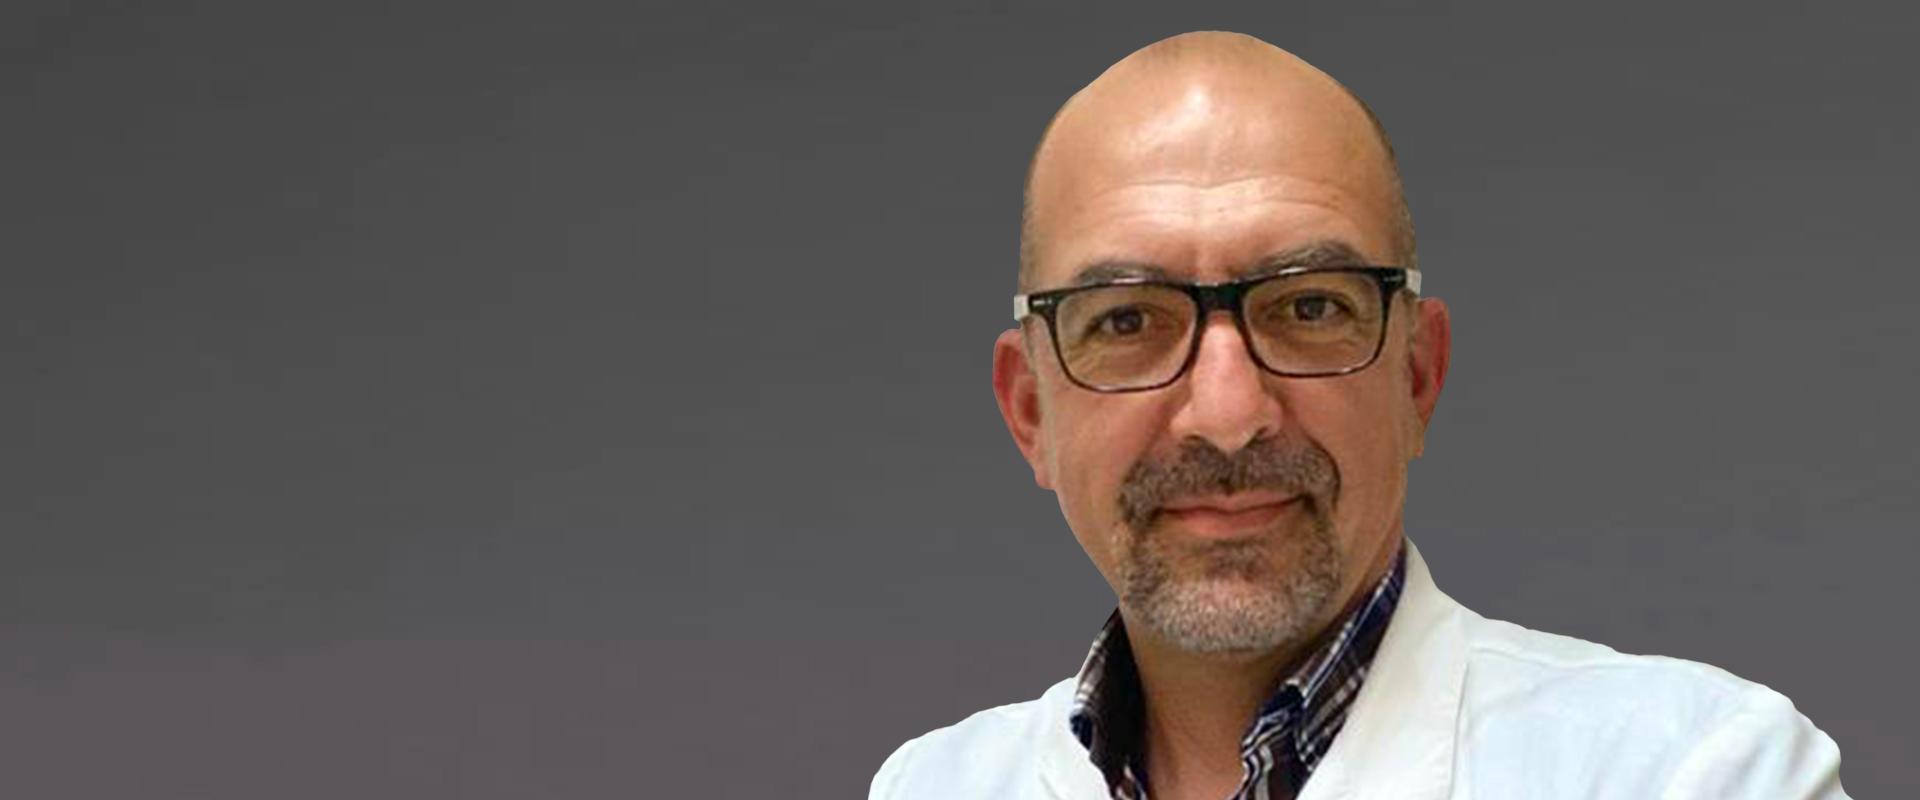 Giovanni Massimiliano Siddi